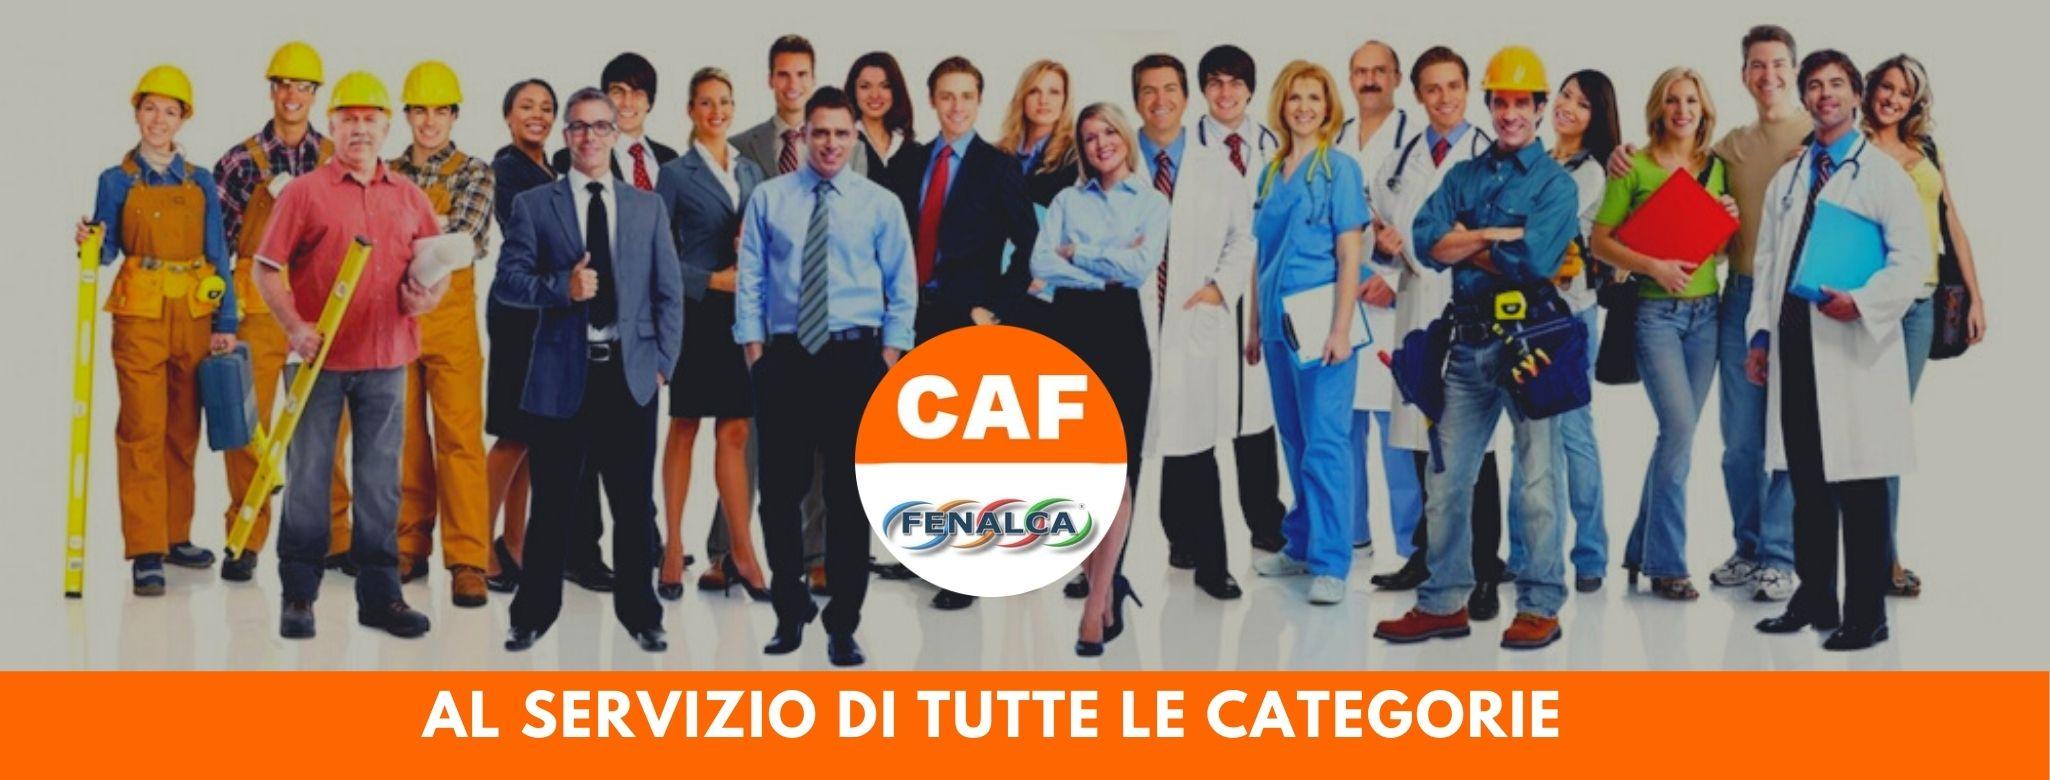 CAF FENALCA SRL